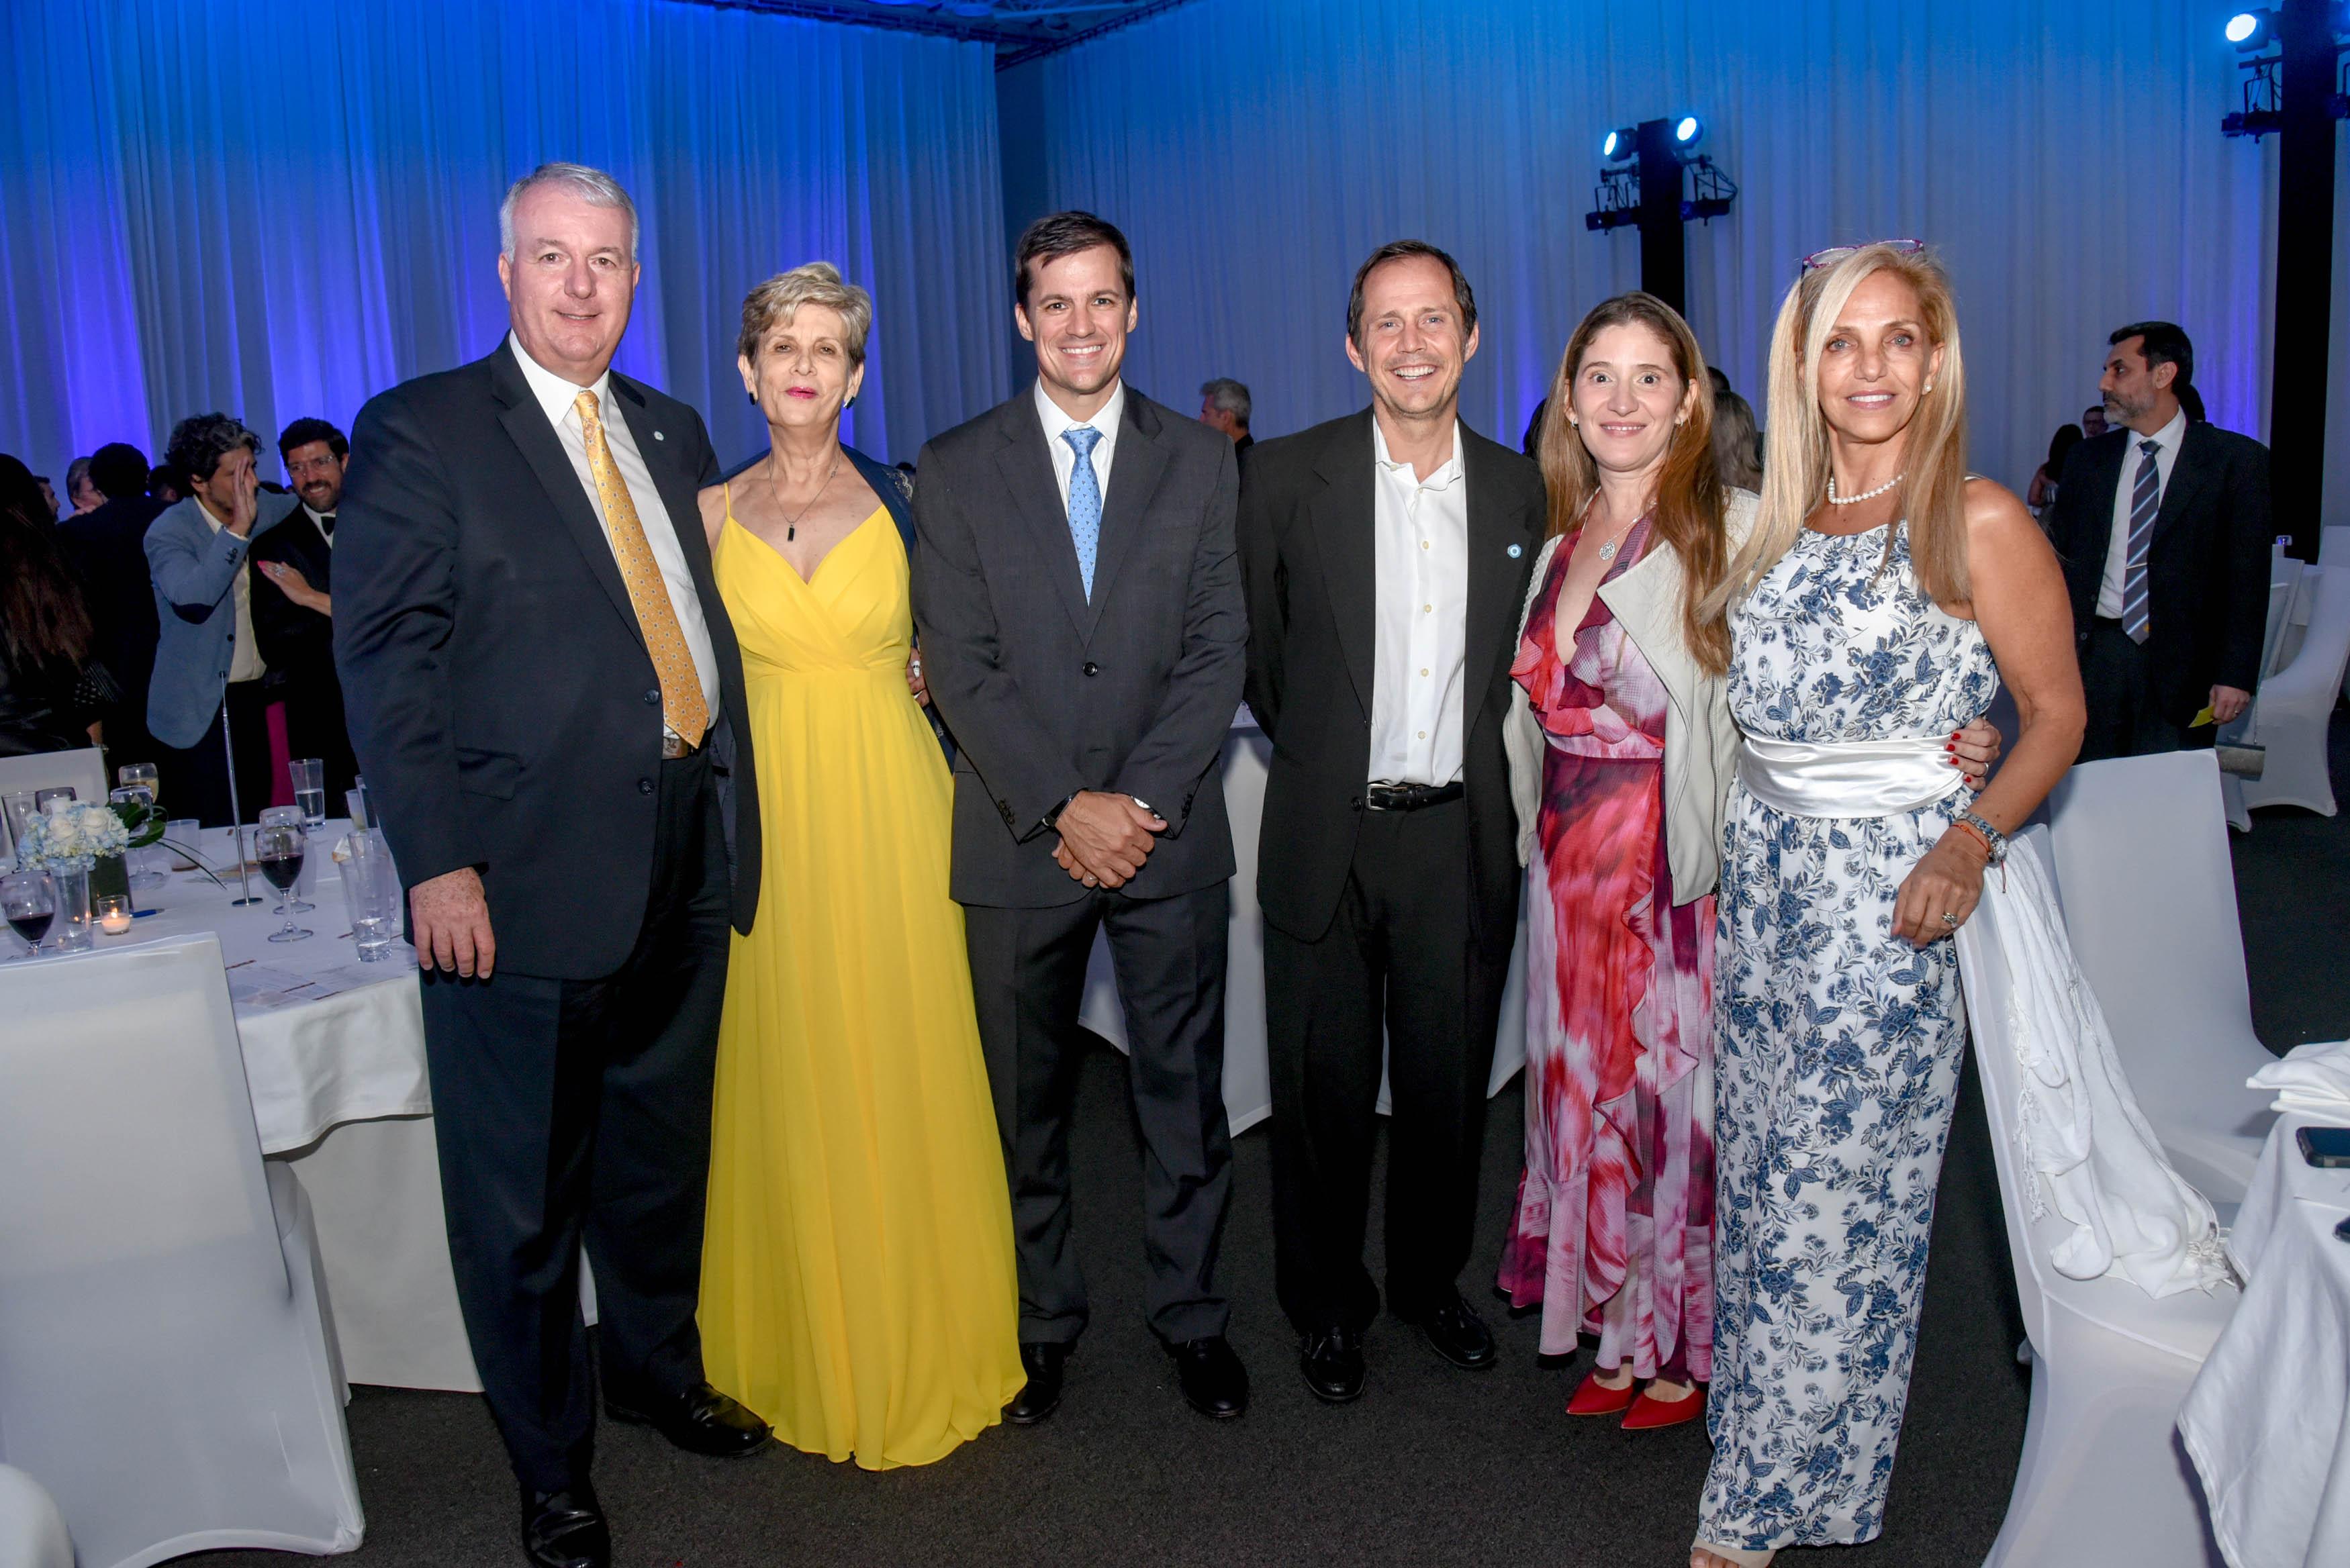 Marcelo Bottini, Director Regional de Aerolineas Argentinas y Secretario de la AACC, con su esposa, Luciano Macagno (Delta Airlines) y amigos